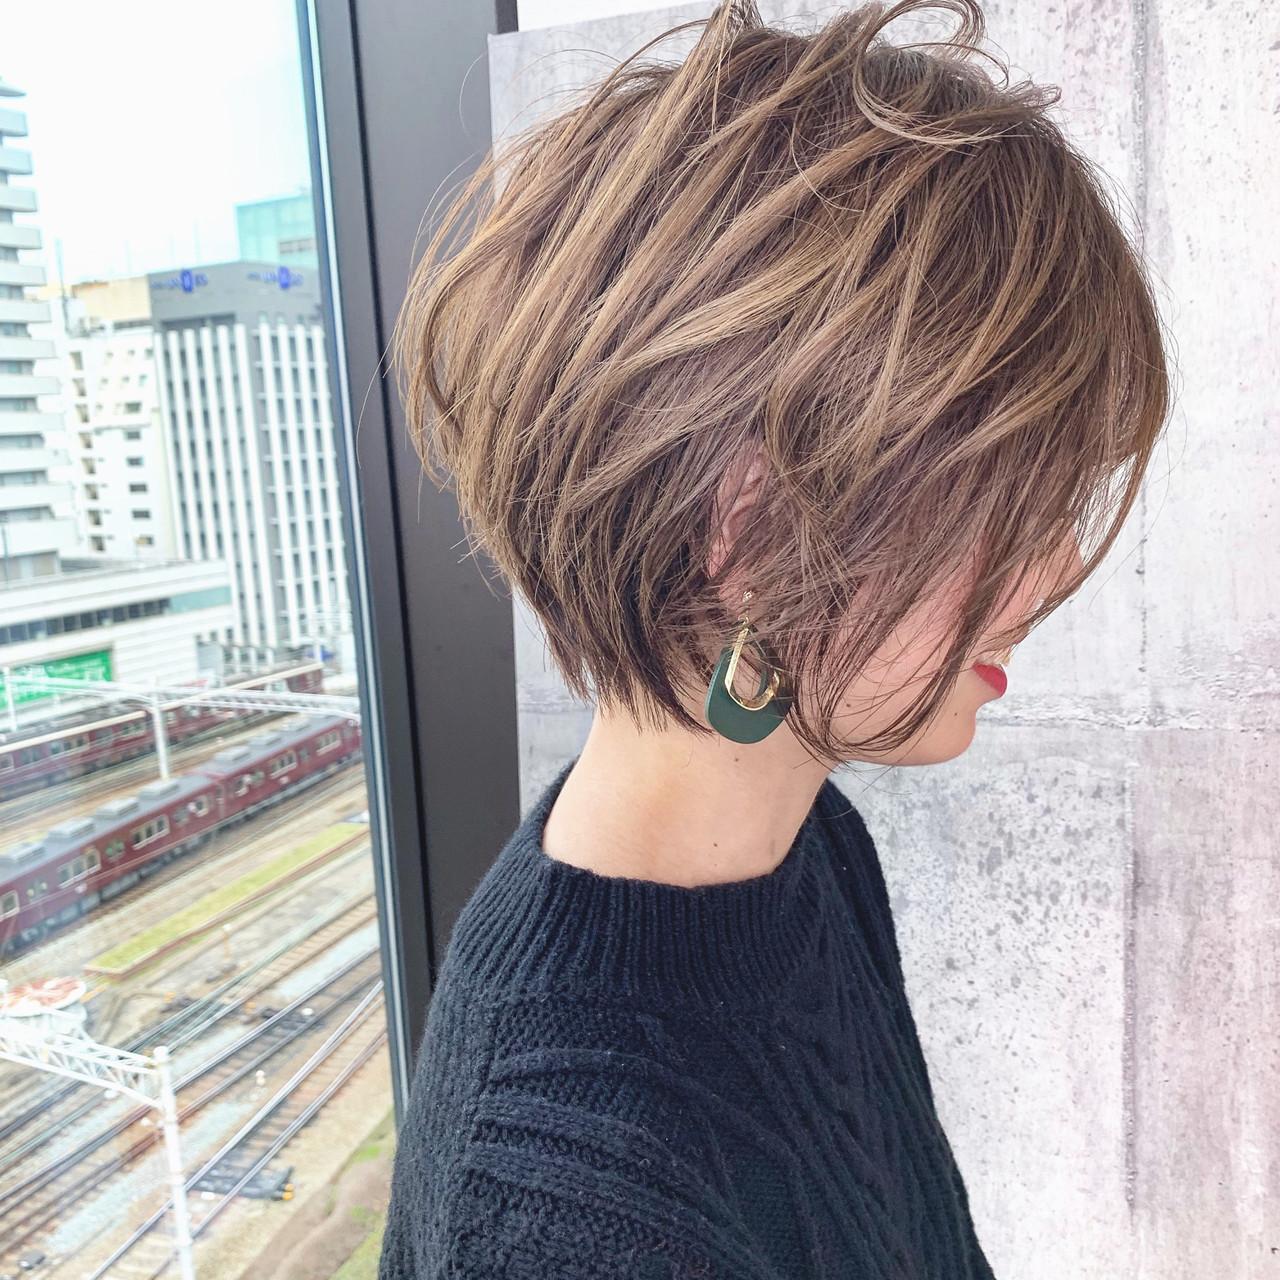 イルミナカラー ヘアカラー ナチュラル ショートヘアヘアスタイルや髪型の写真・画像